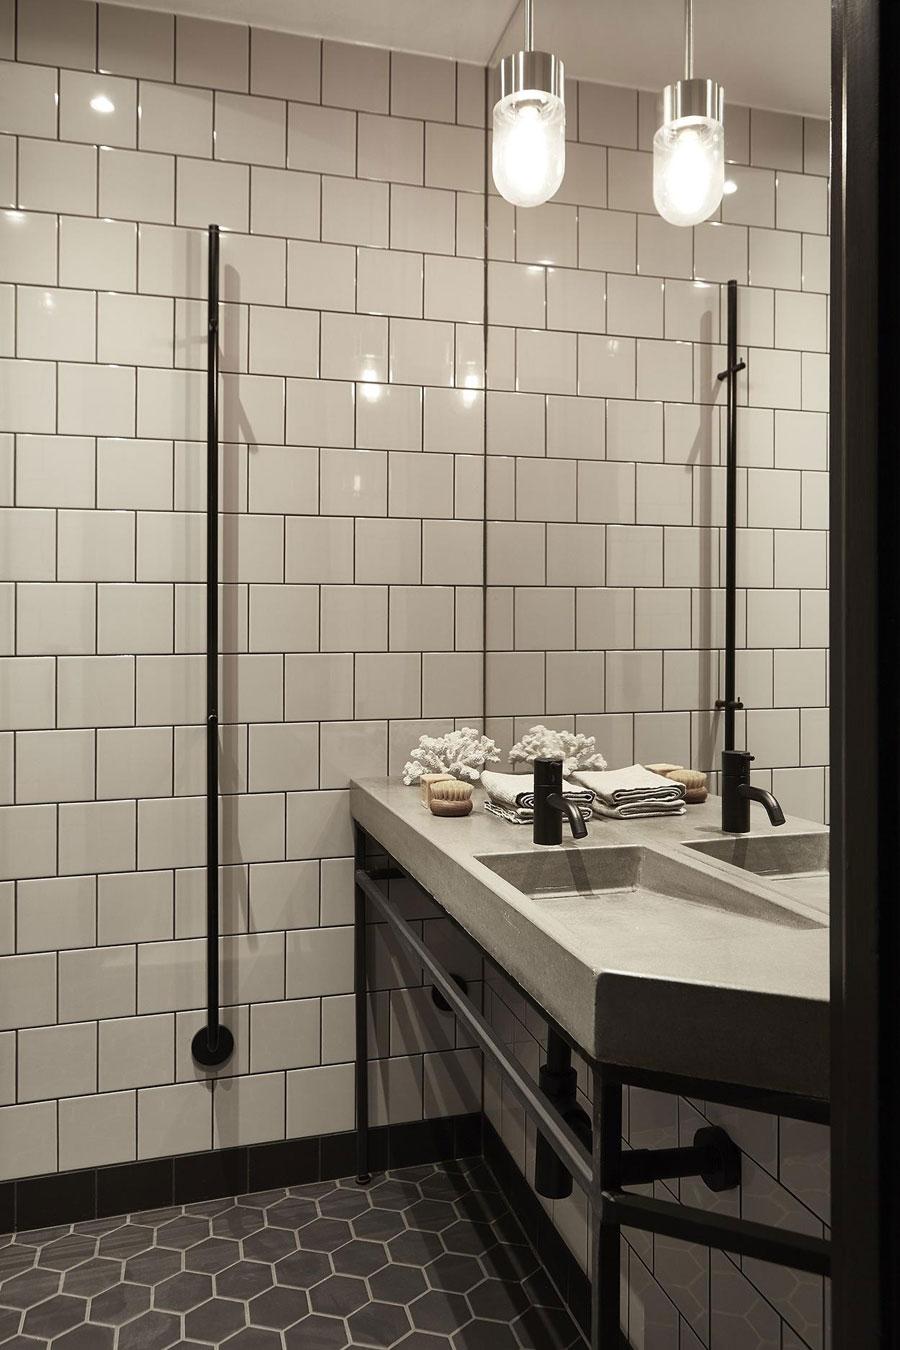 soorten badkamer verwarming